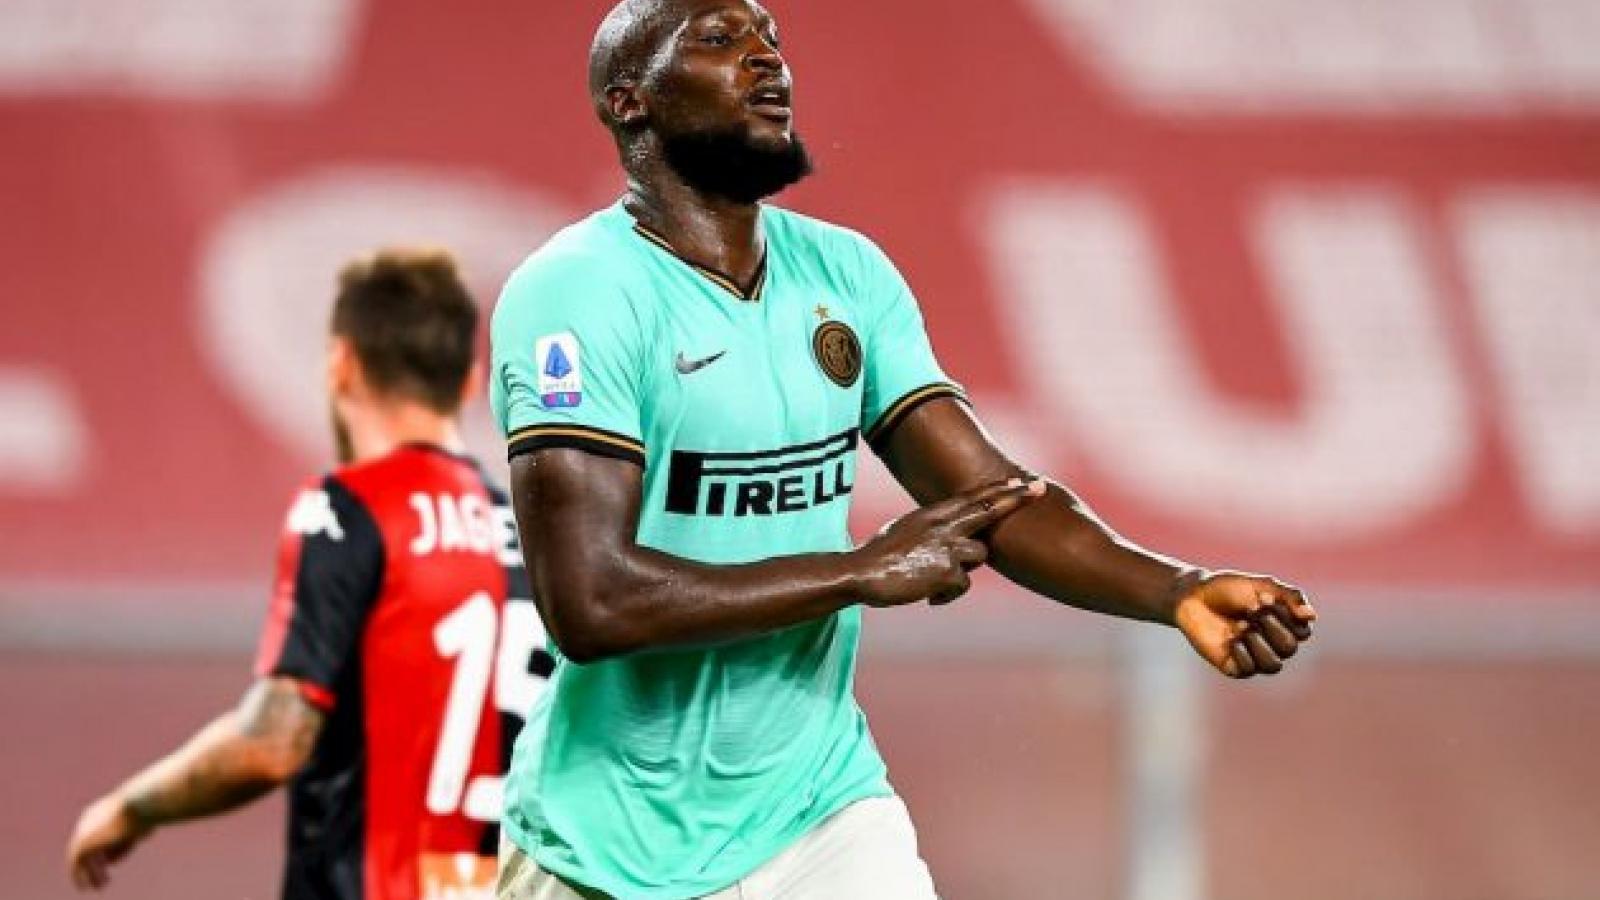 Lukaku đưa Inter trở lại ngôi nhì, Juventus cần thêm 3 điểm để vô địch